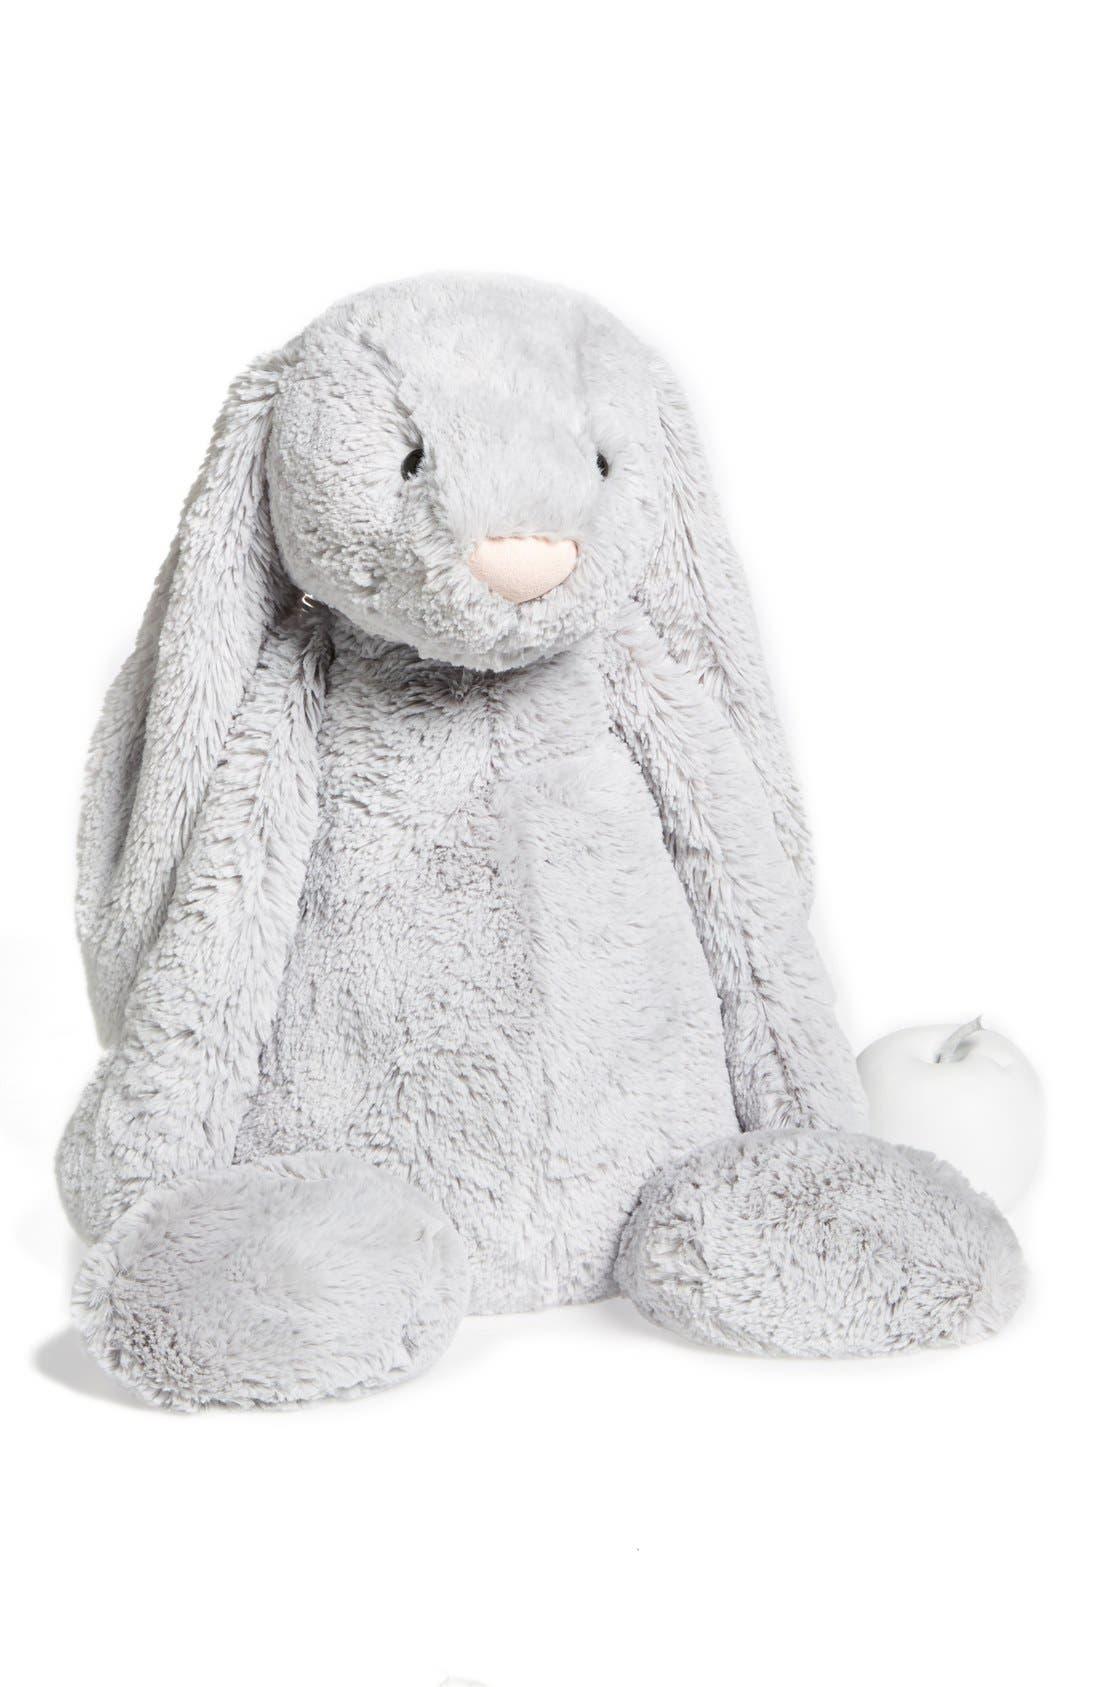 Bunny Stuffed Animal,                             Main thumbnail 1, color,                             020